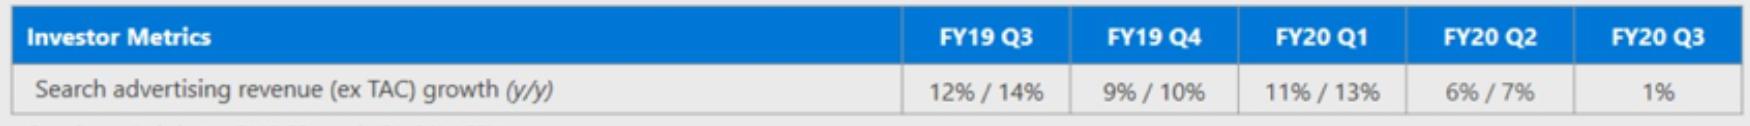 微软2020年第三季度:必应搜索业务收入增长因COVID-19而停滞1